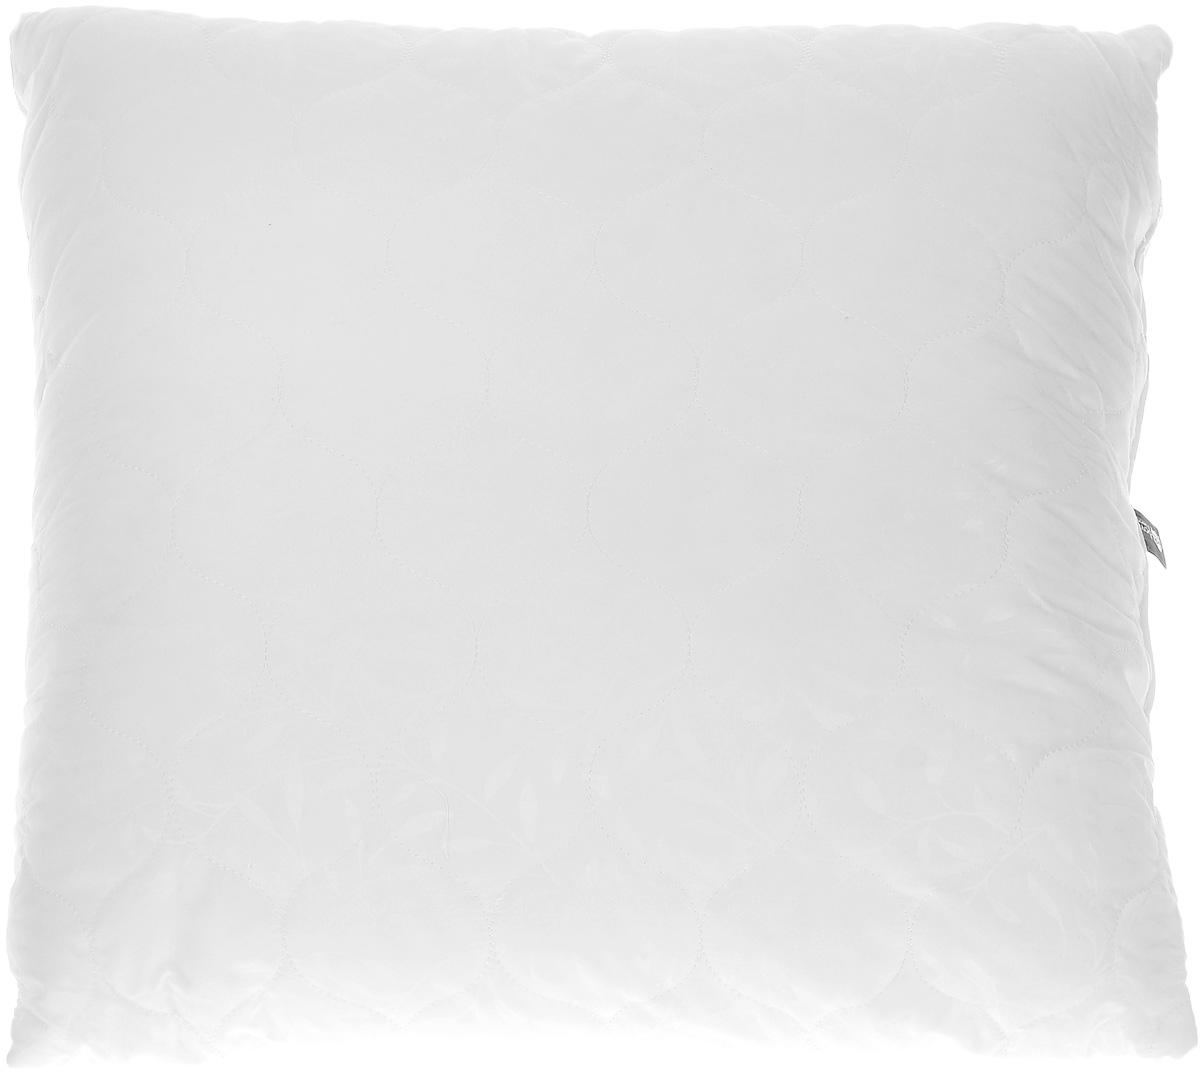 Подушка Sova & Javoronok, наполнитель: эвкалипт, цвет: белый, 70 х 70 см подушки sova and javoronok подушка 70 70 верблюжья шерсть